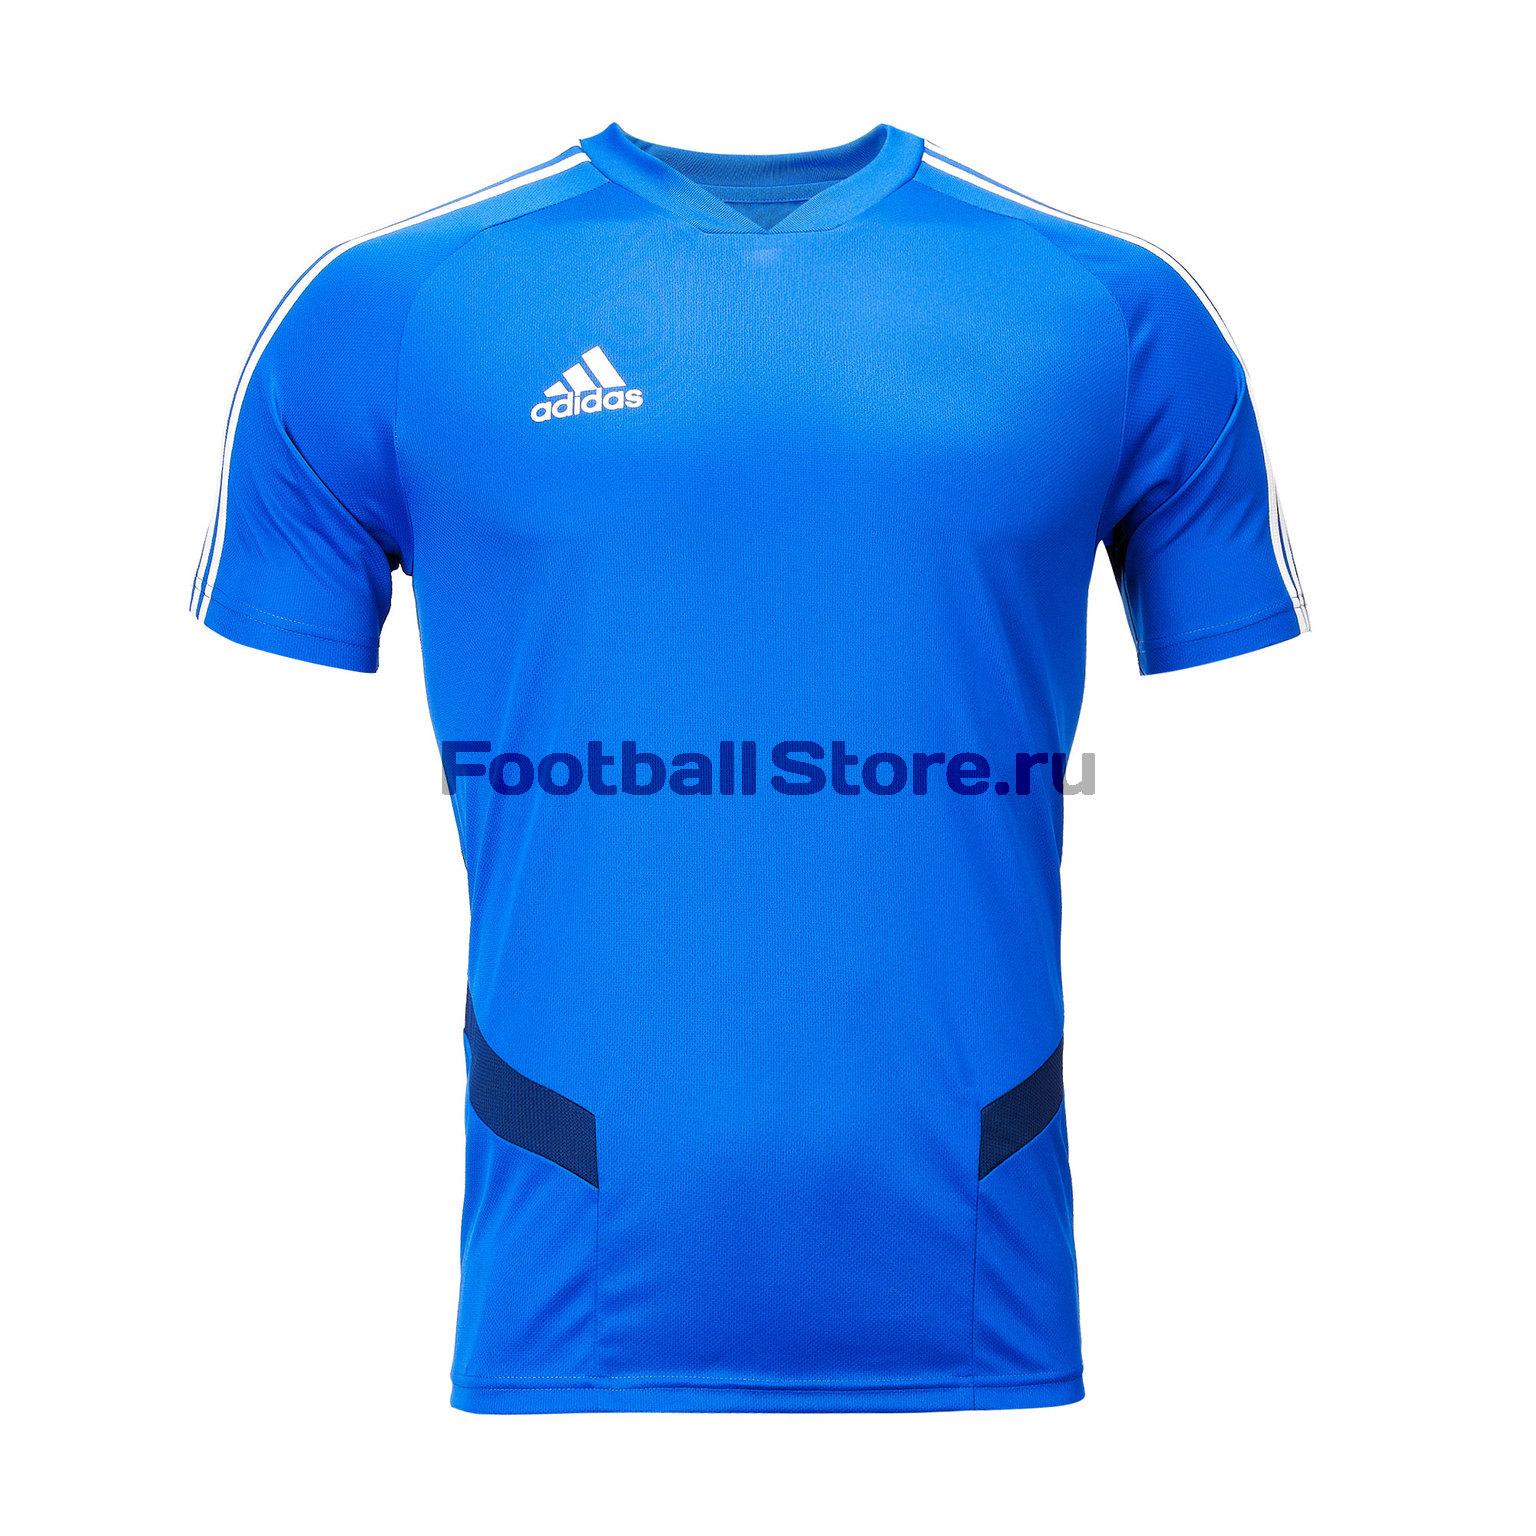 Футболка тренировочная Adidas Tiro19 TR JSY DT5285 стоимость